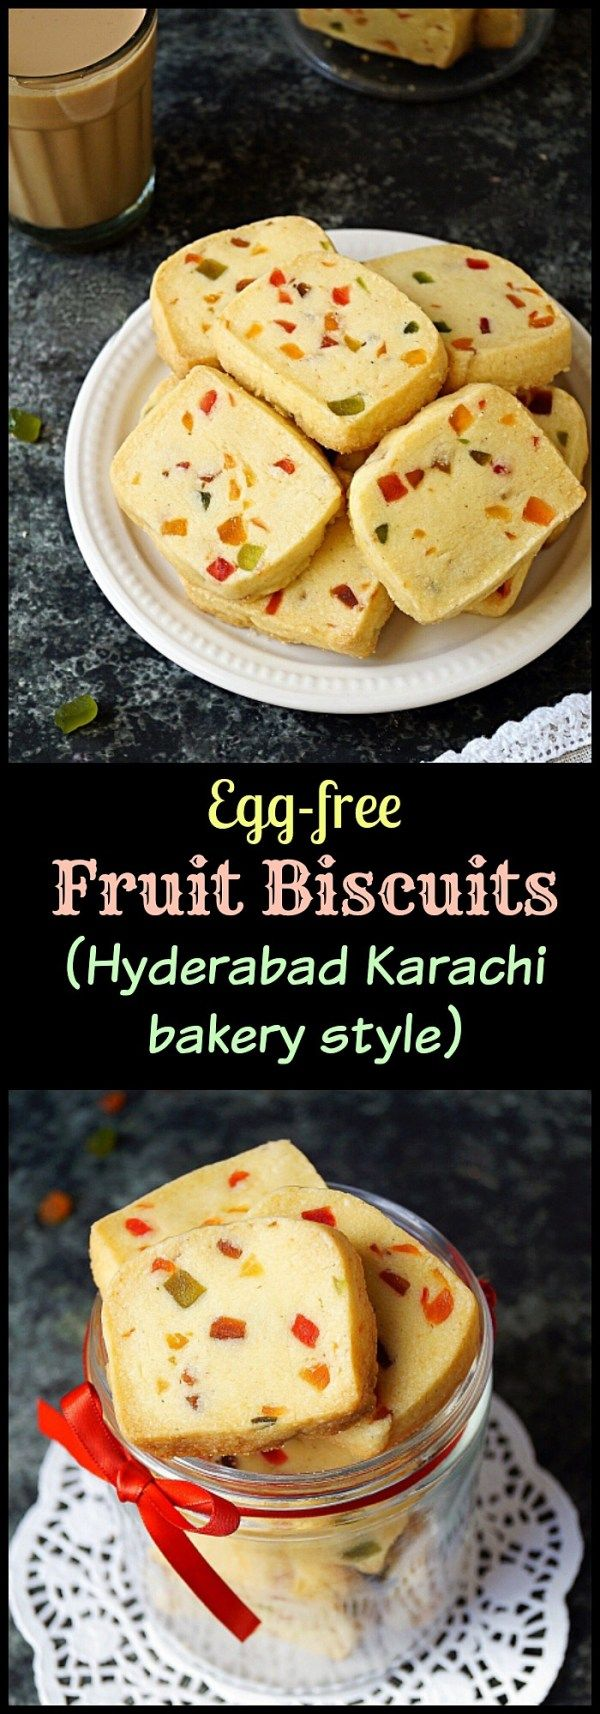 Karachi Biscuits Fruit Biscuits (Hyderabad Karachi